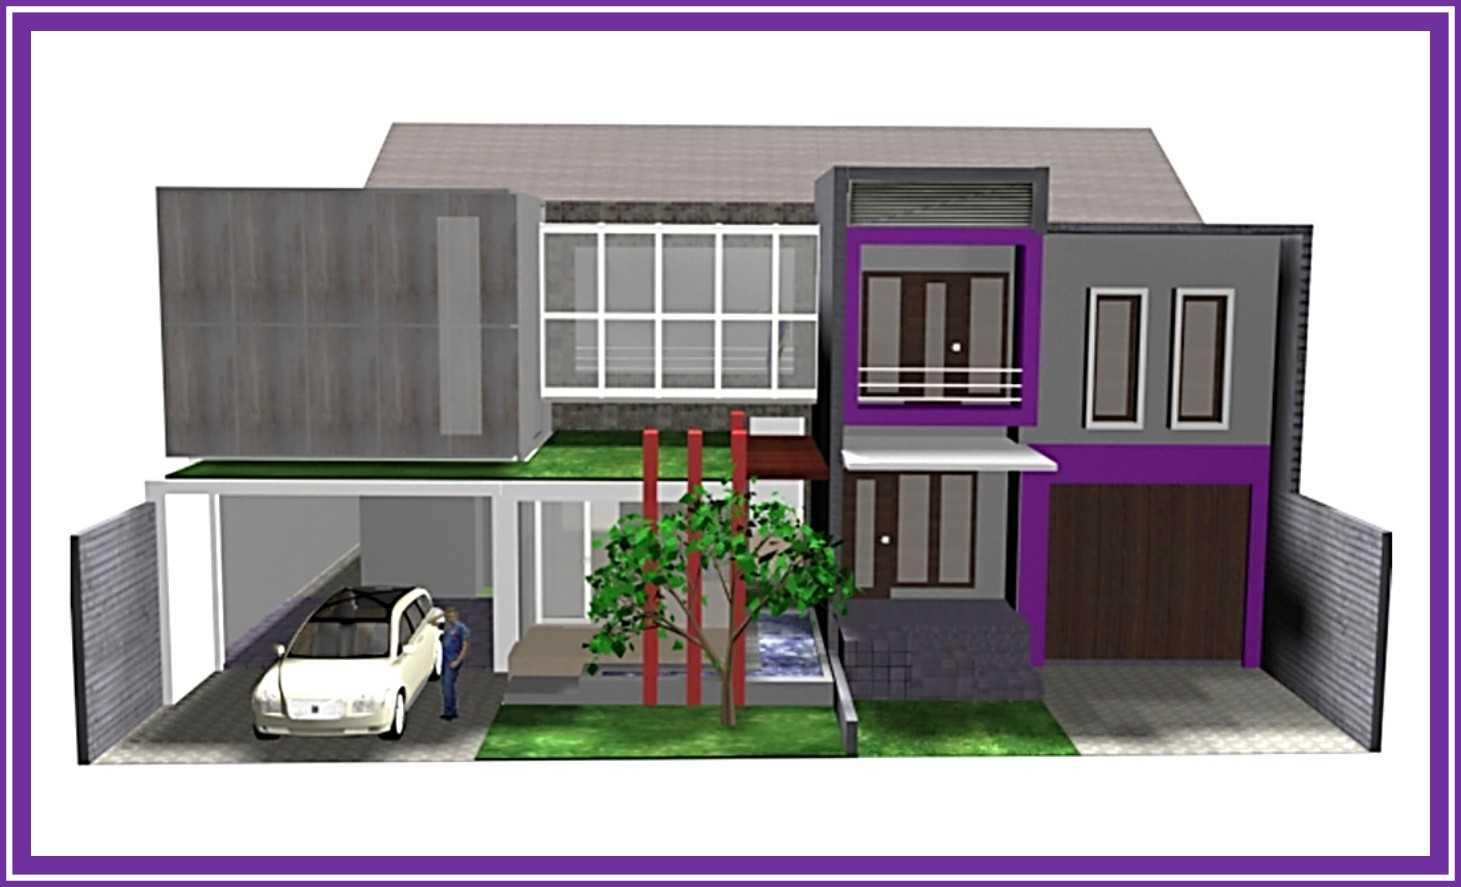 Ideall Design Rumah Junction Box Kec. Jagakarsa, Kota Jakarta Selatan, Daerah Khusus Ibukota Jakarta, Indonesia Kec. Jagakarsa, Kota Jakarta Selatan, Daerah Khusus Ibukota Jakarta, Indonesia Ideall-Design-When-A-Design-Idea-Becomes-Ideal-Design-For-All-Rumah-Junction-Box  114219